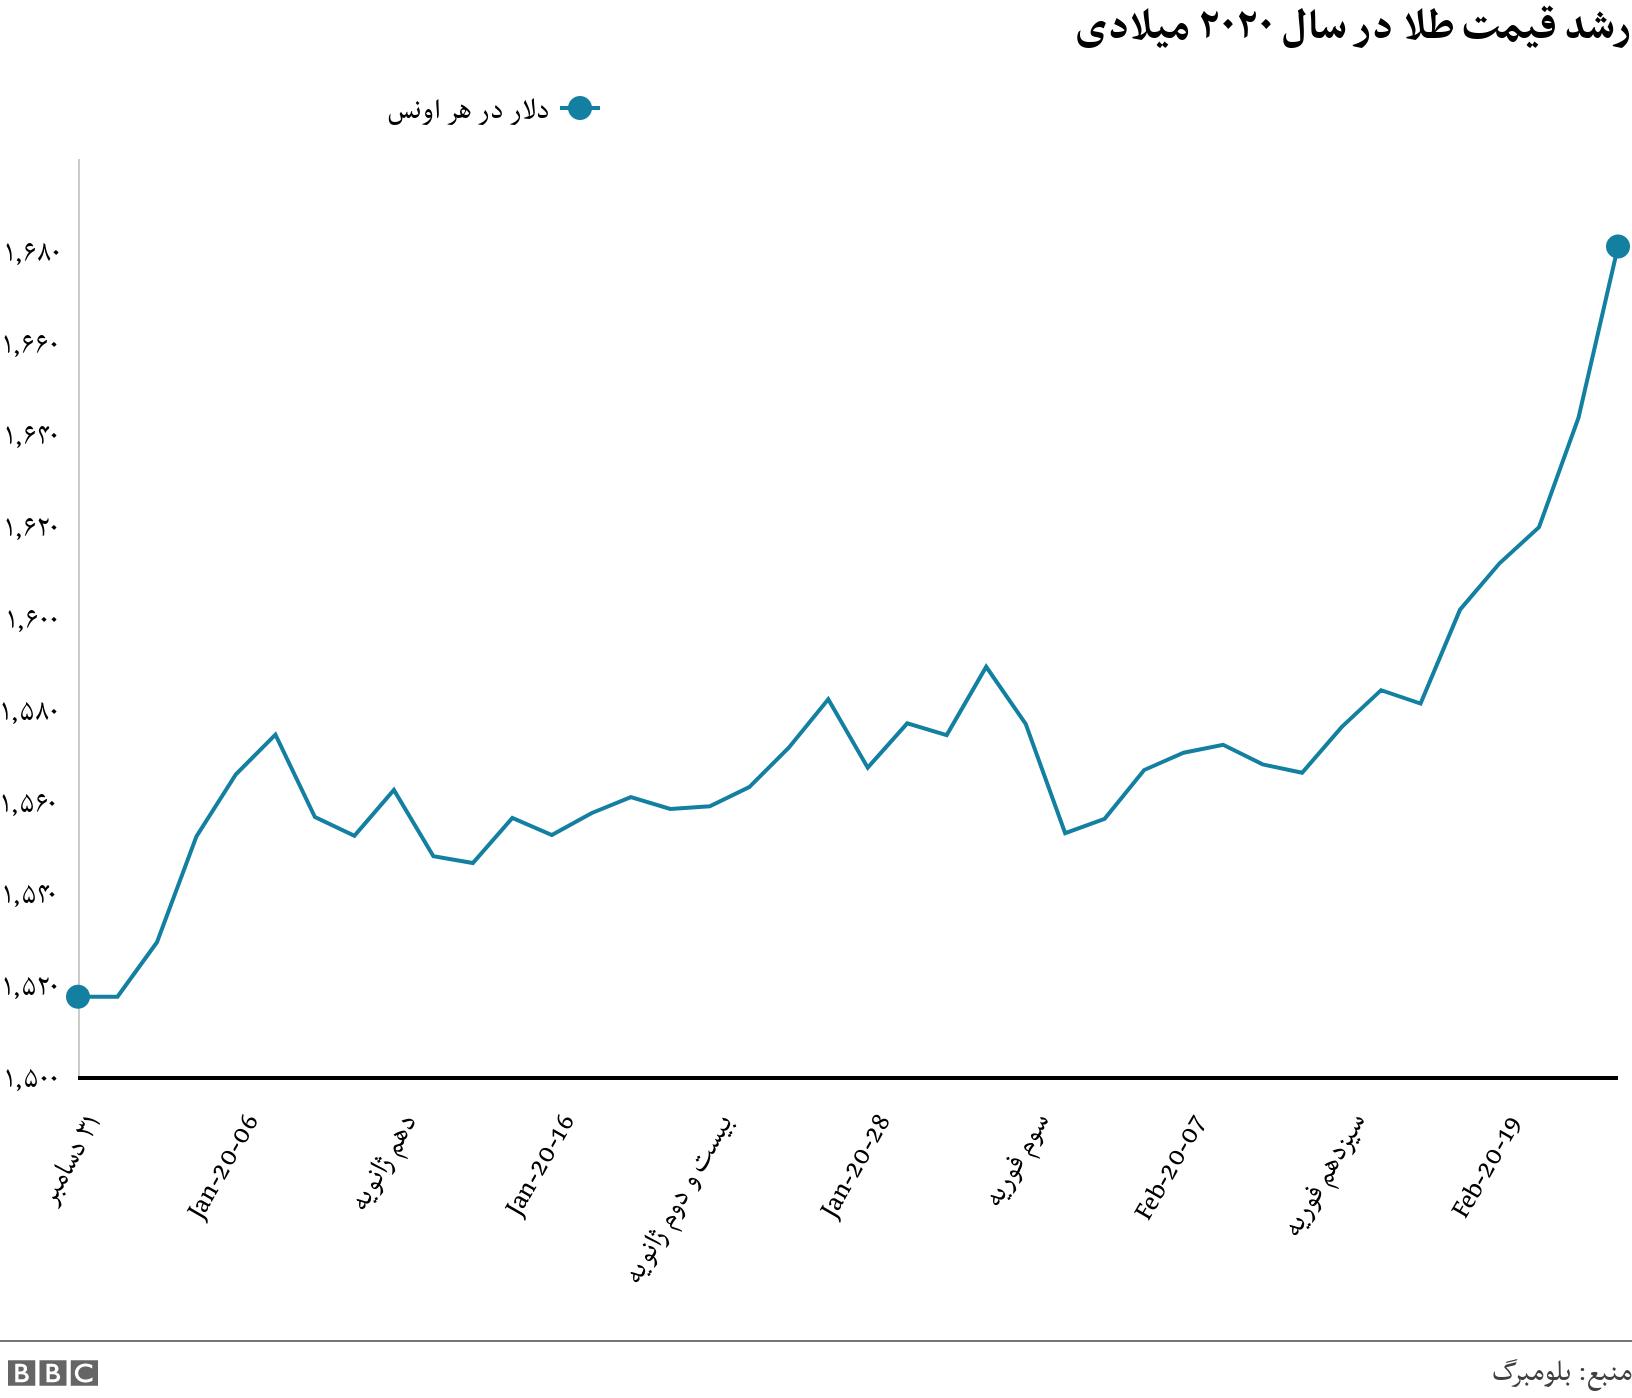 رشد قیمت طلا در سال ۲۰۲۰ میلادی. . Line chart showing price of gold has dropped slightly .